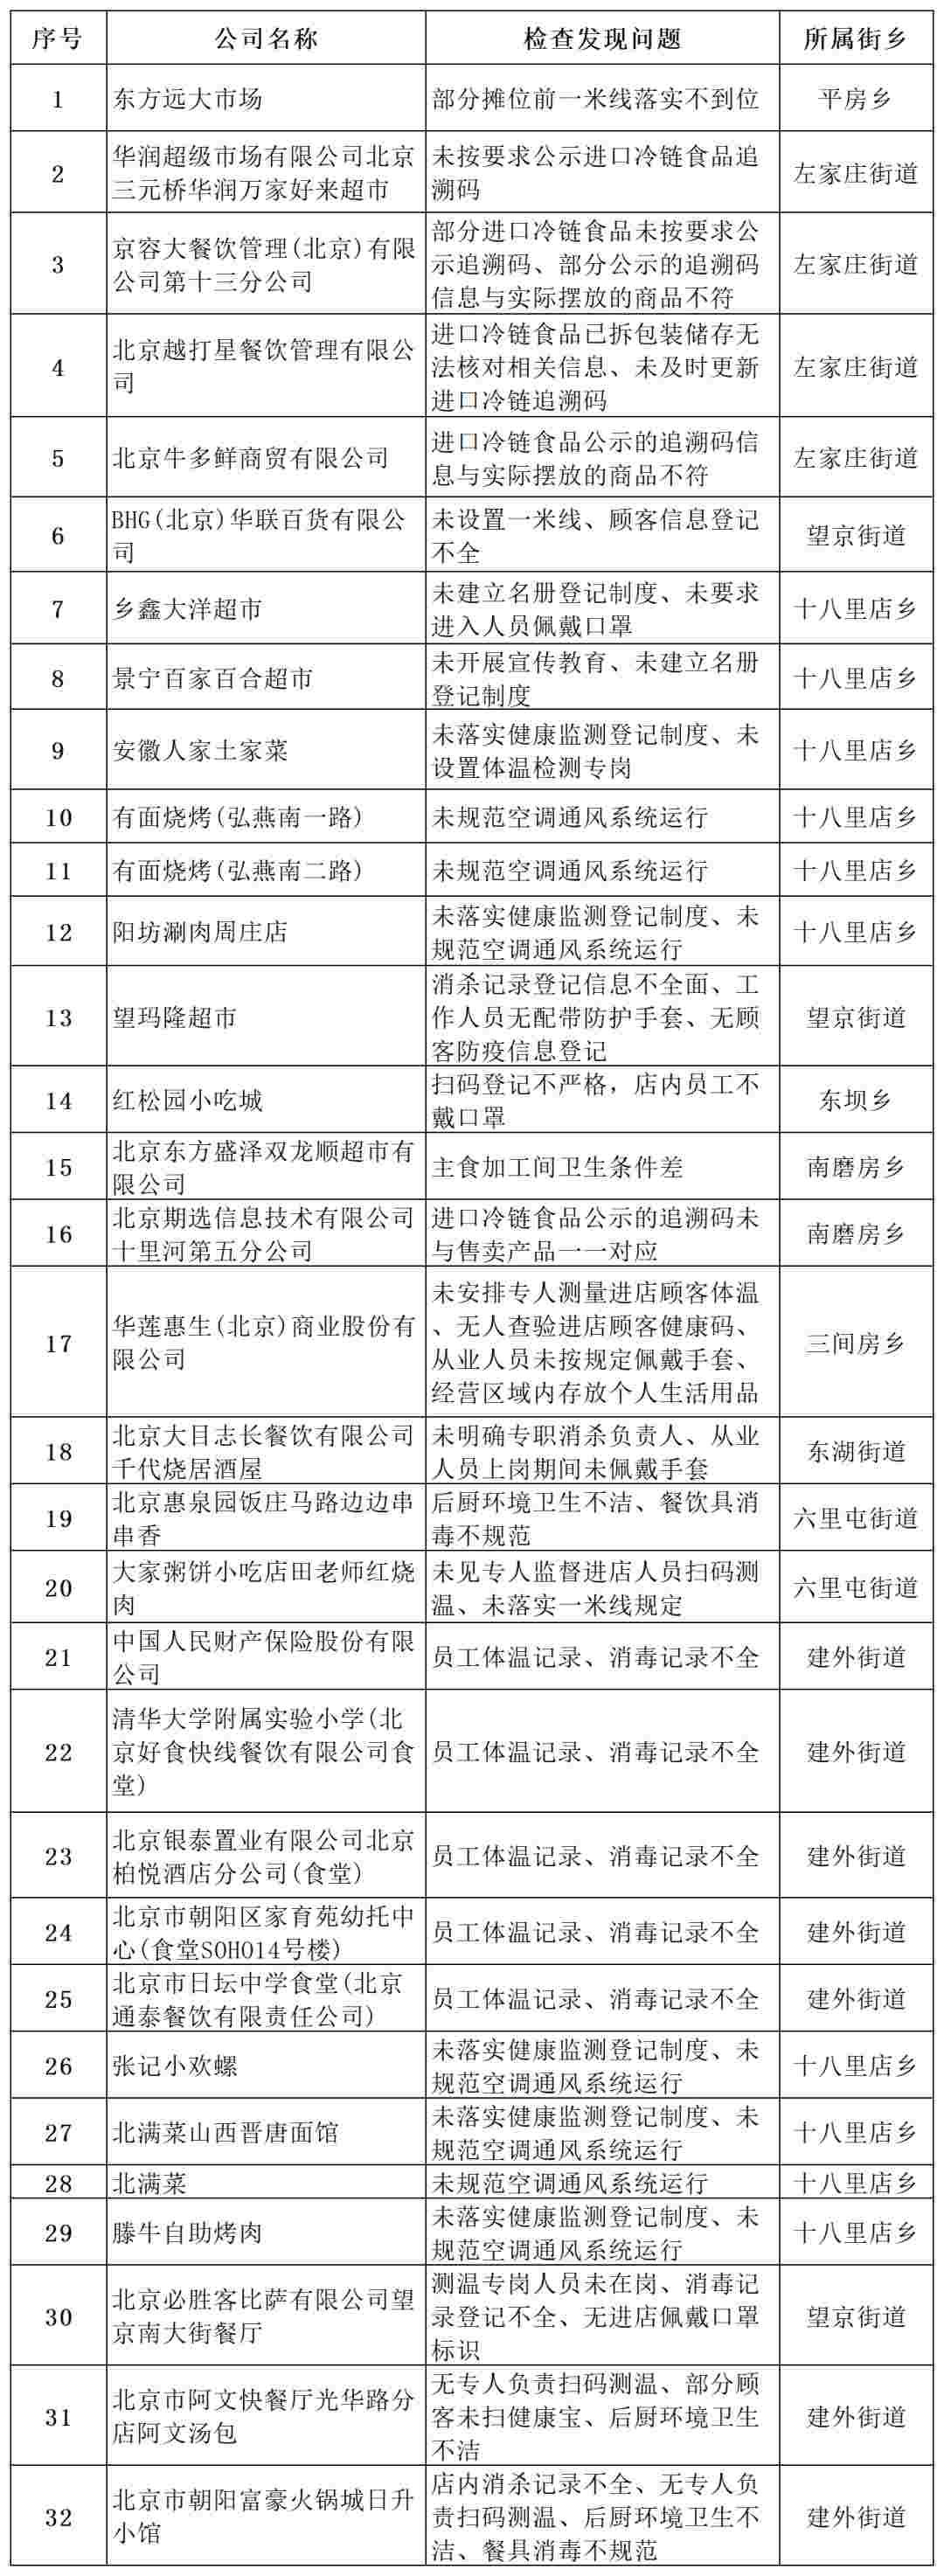 北京朝阳通报35家未落实疫情防控责任企业